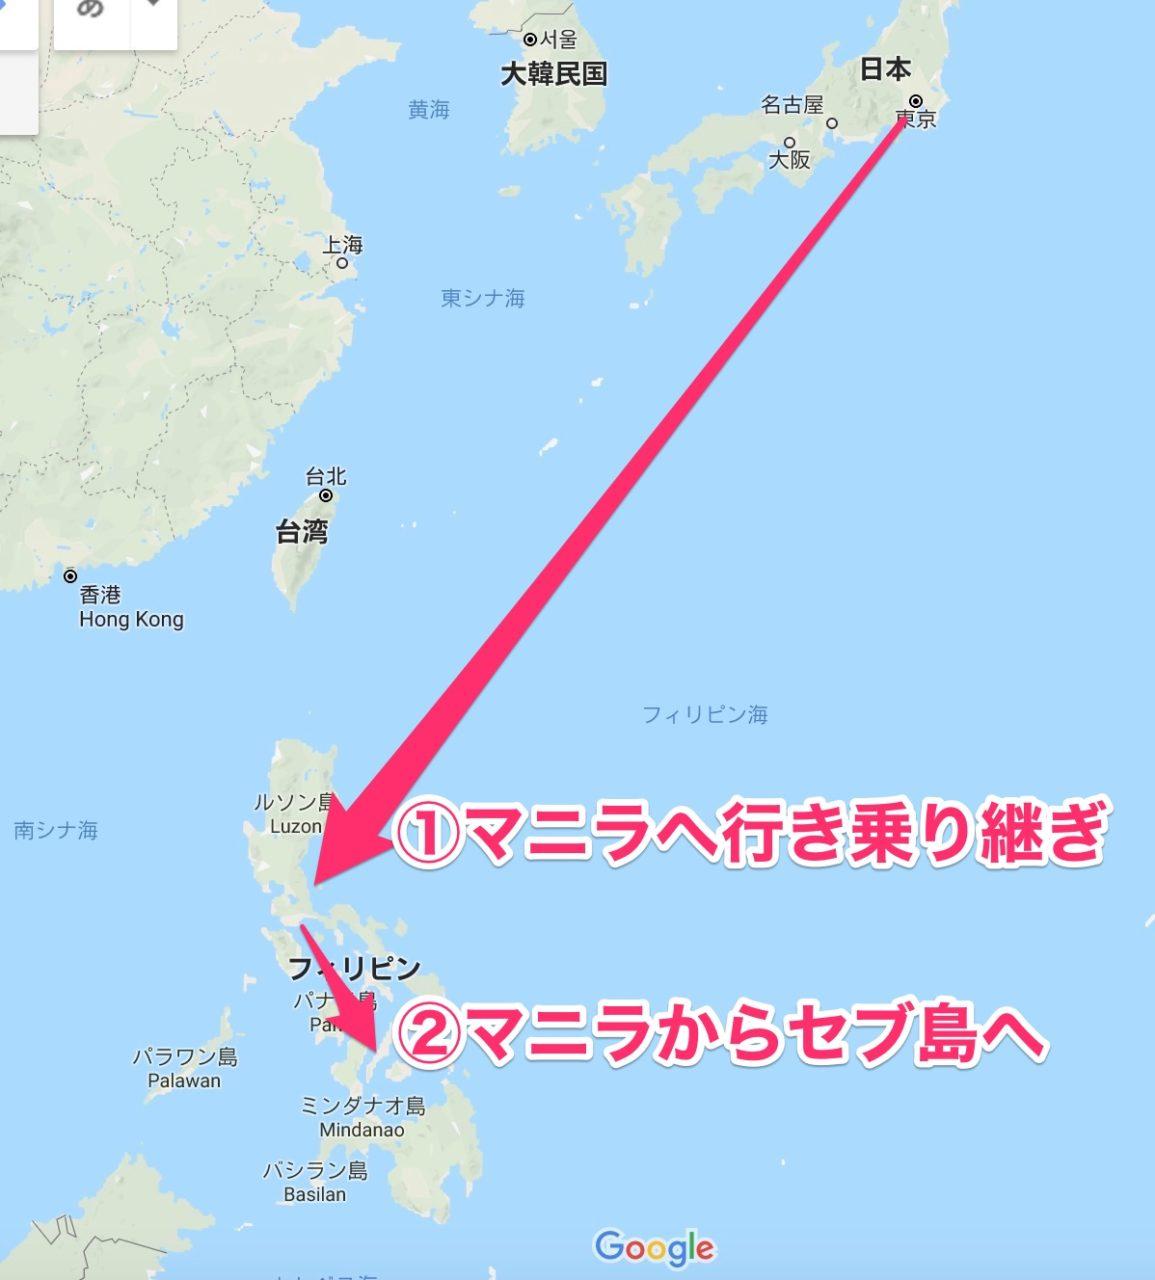 成田からマニラへ、マニラからセブへ